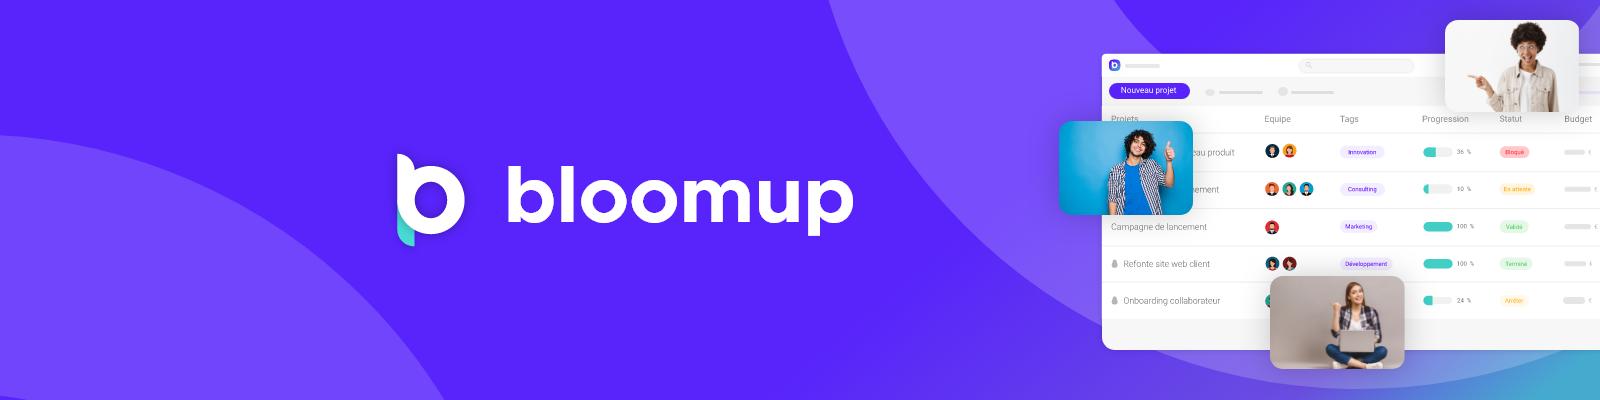 Avis Bloomup : Logiciel de gestion de projets - appvizer